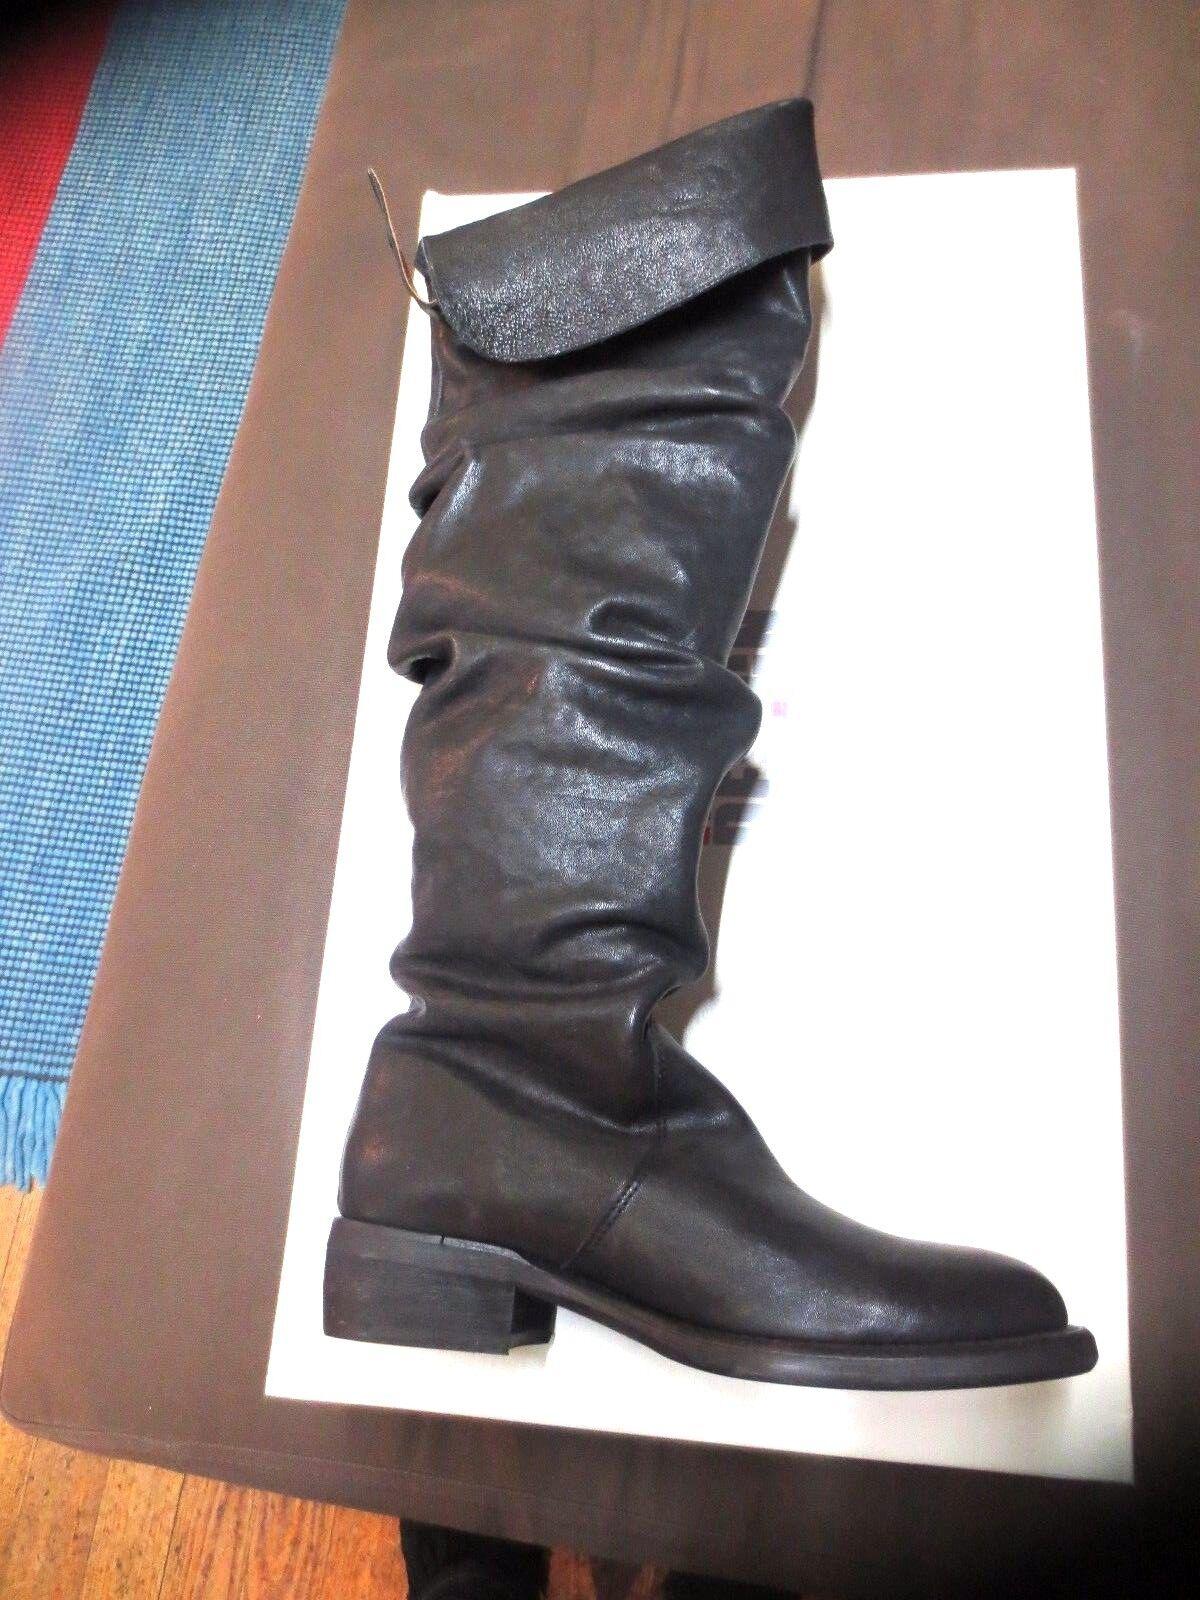 Kniestiefel MINKA Vollleder schwarz neu Wert 199E Schuhgrößen ,37,38, 39